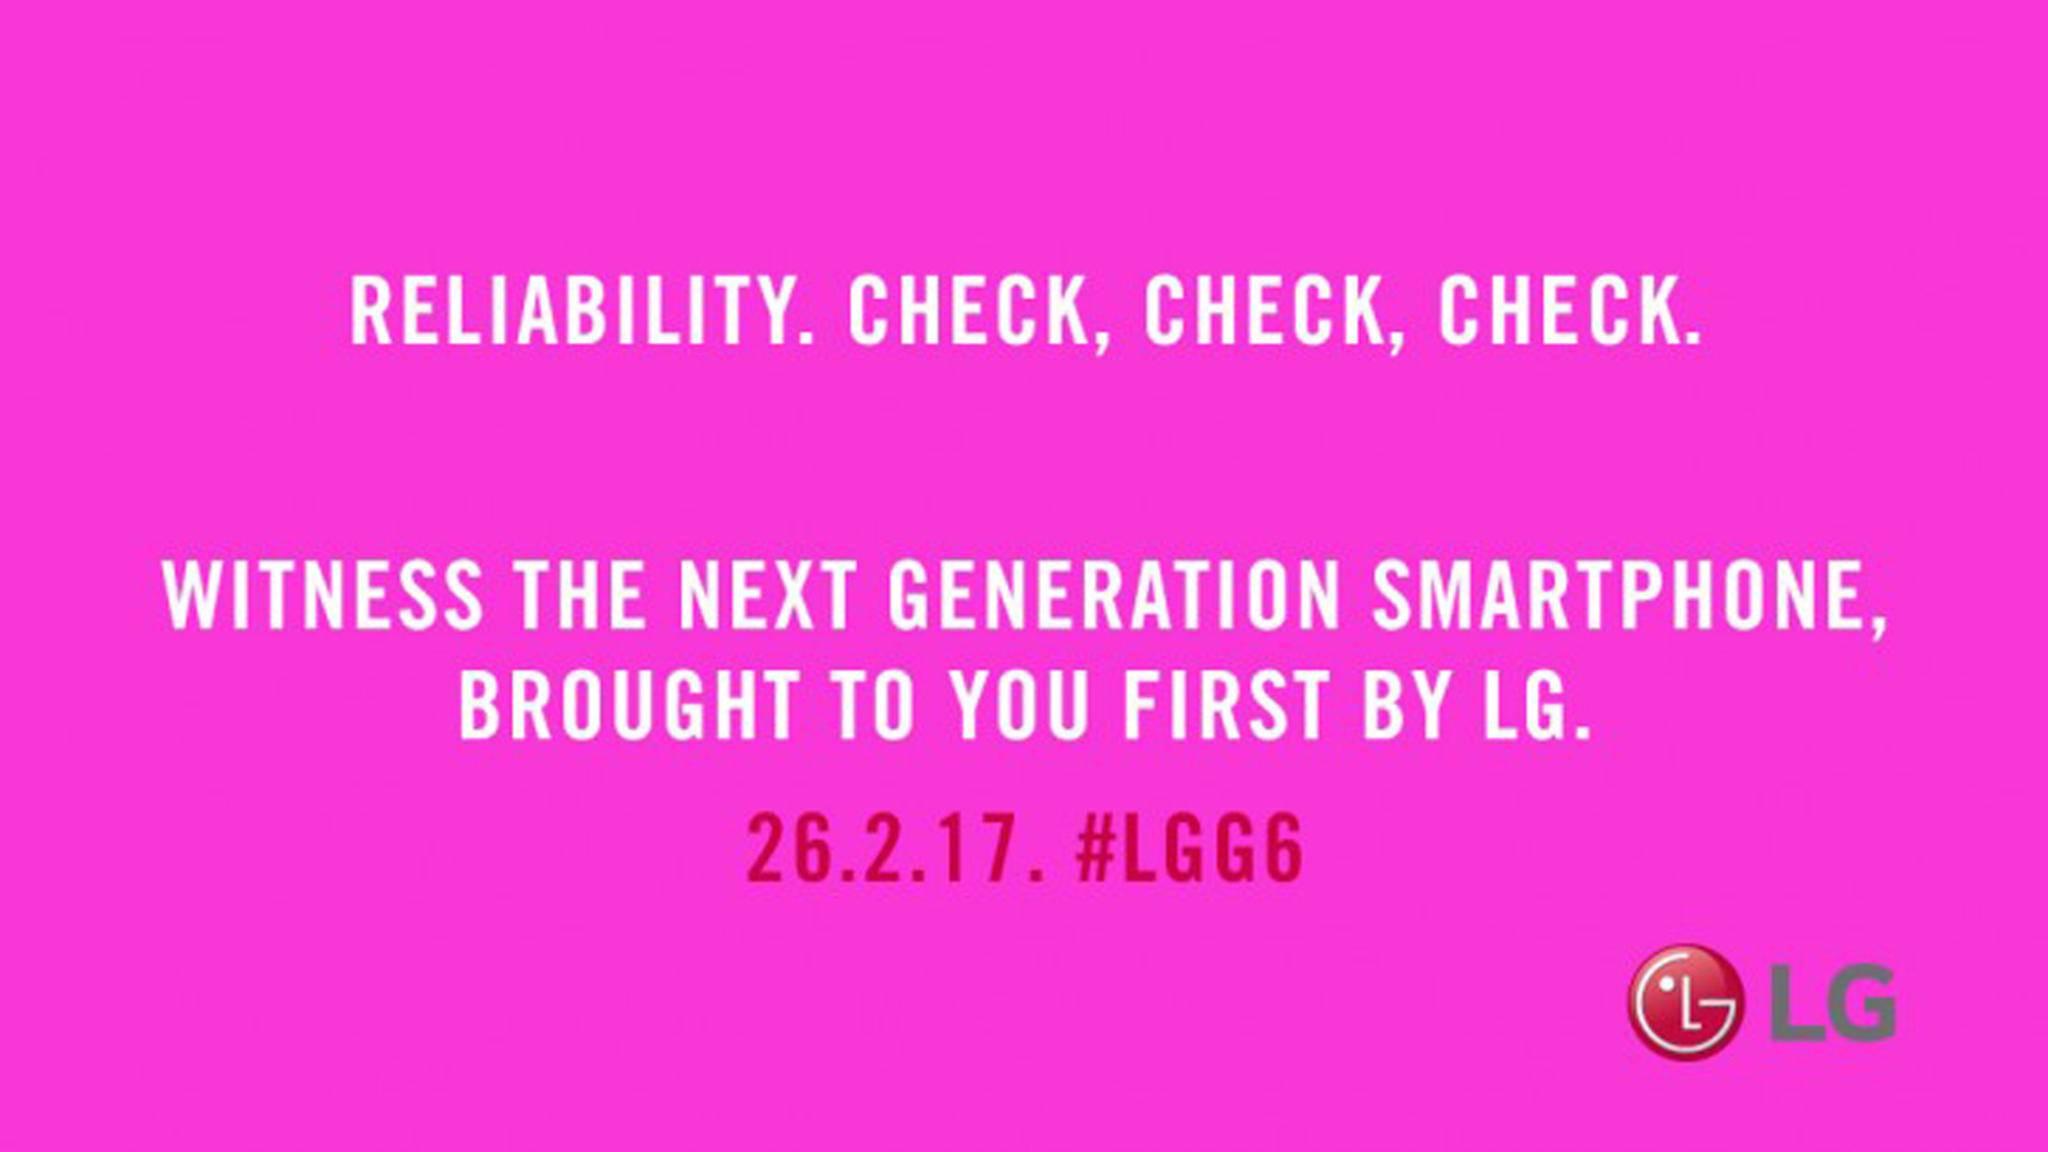 Verlässlichkeit ist ein hohes Gut, offenbar auch für das LG G6.